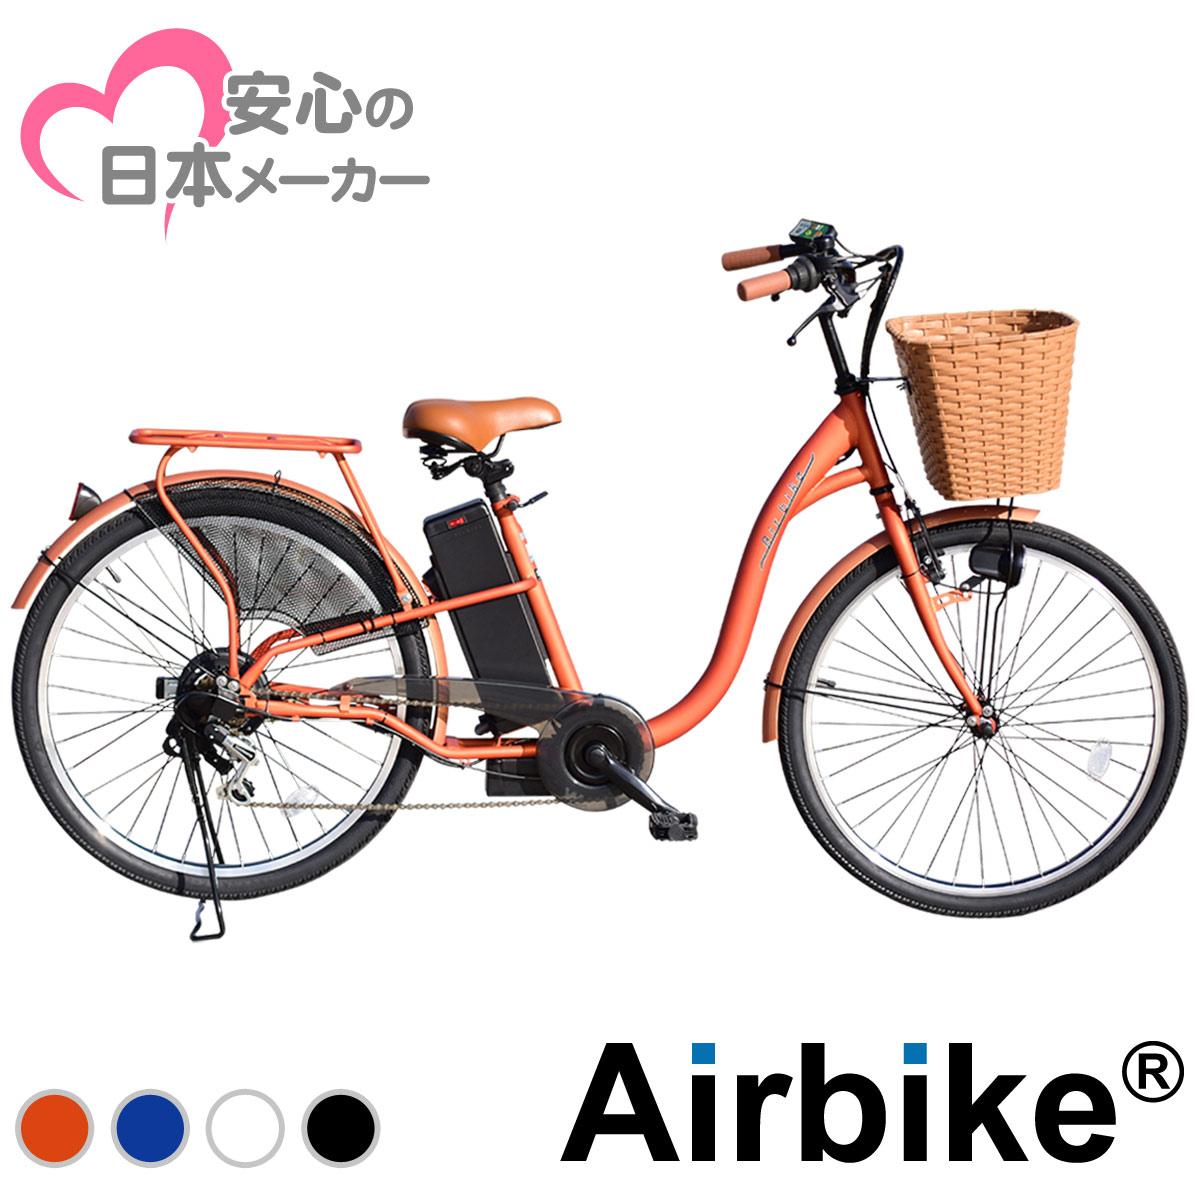 電動アシスト付き自転車、とにかくコスパがいいものを探してます!